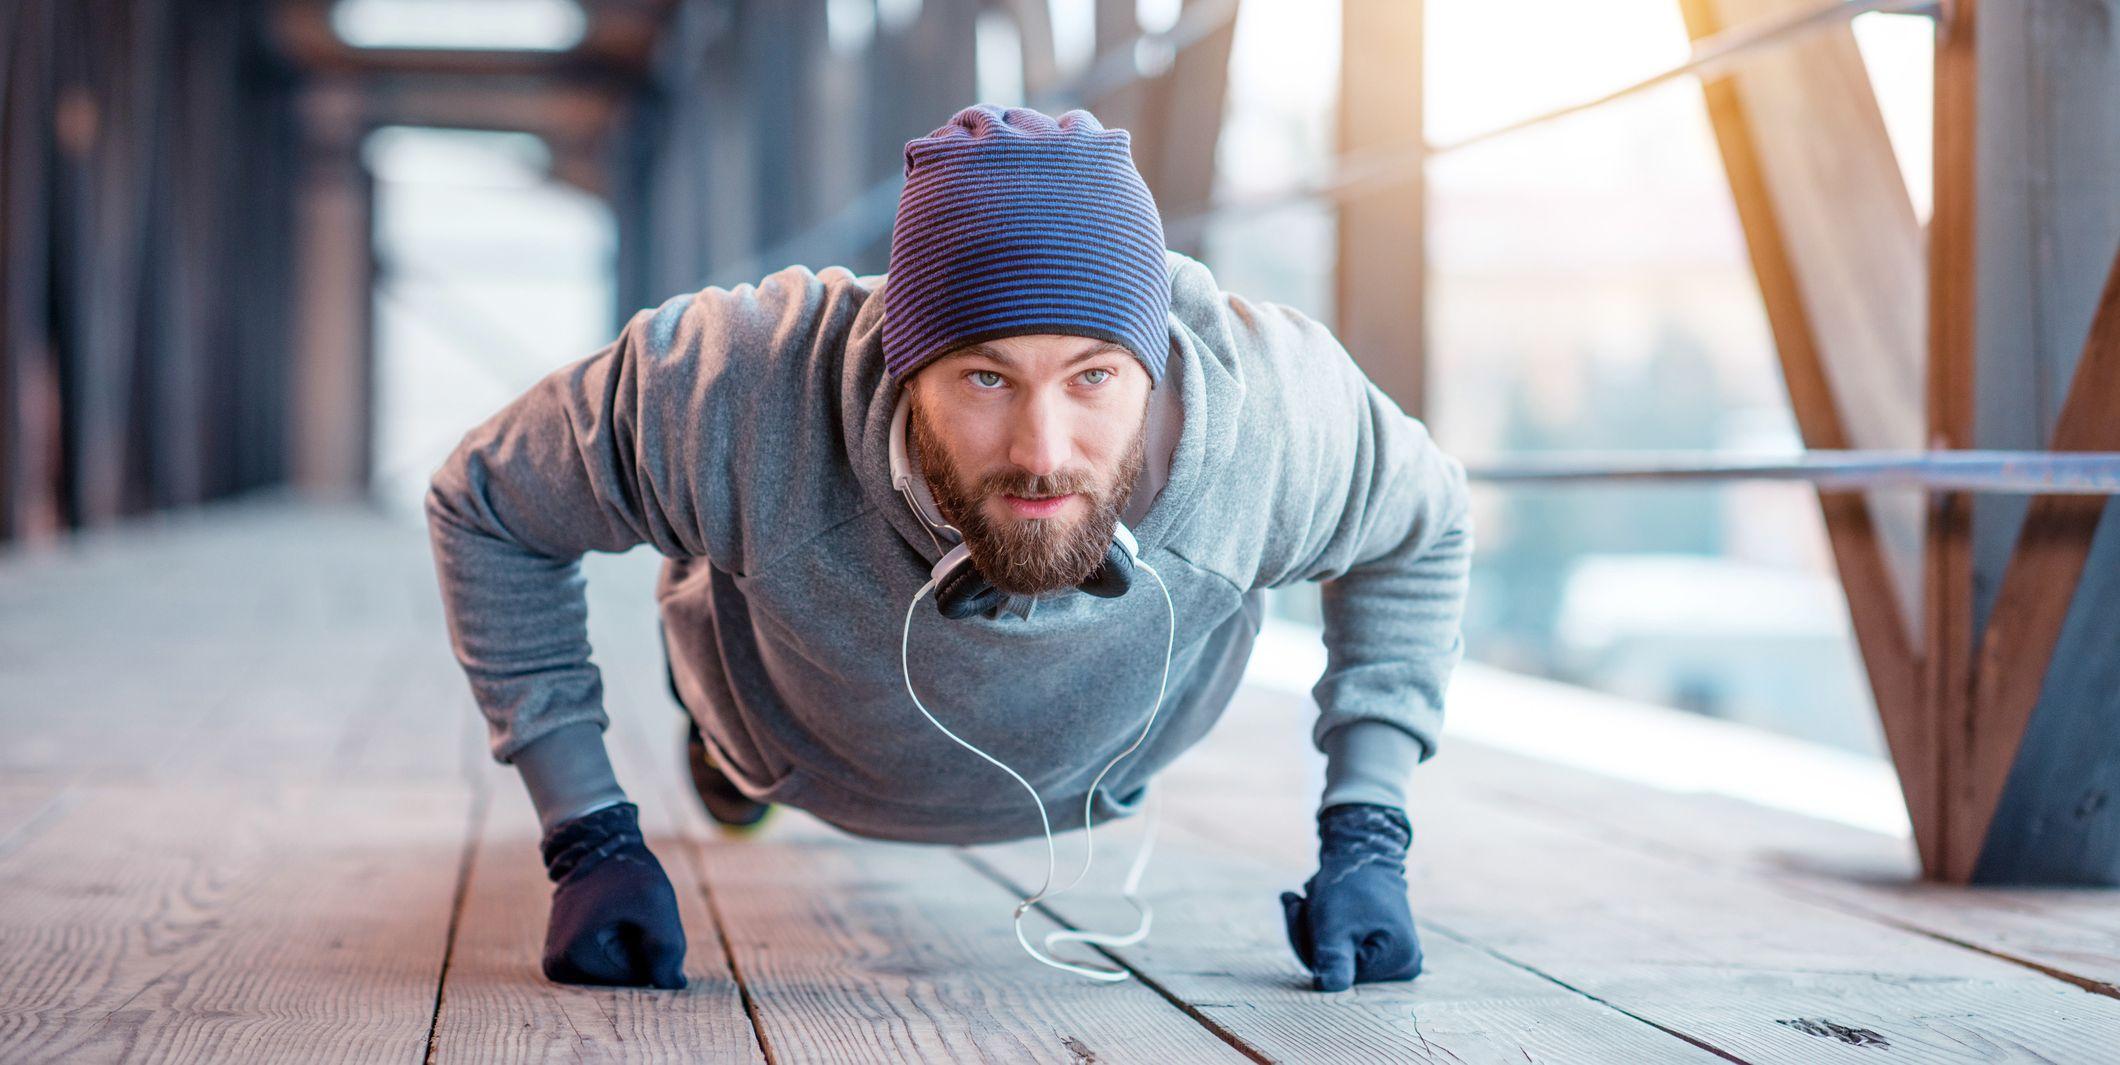 Entrenar en frío quema grasas